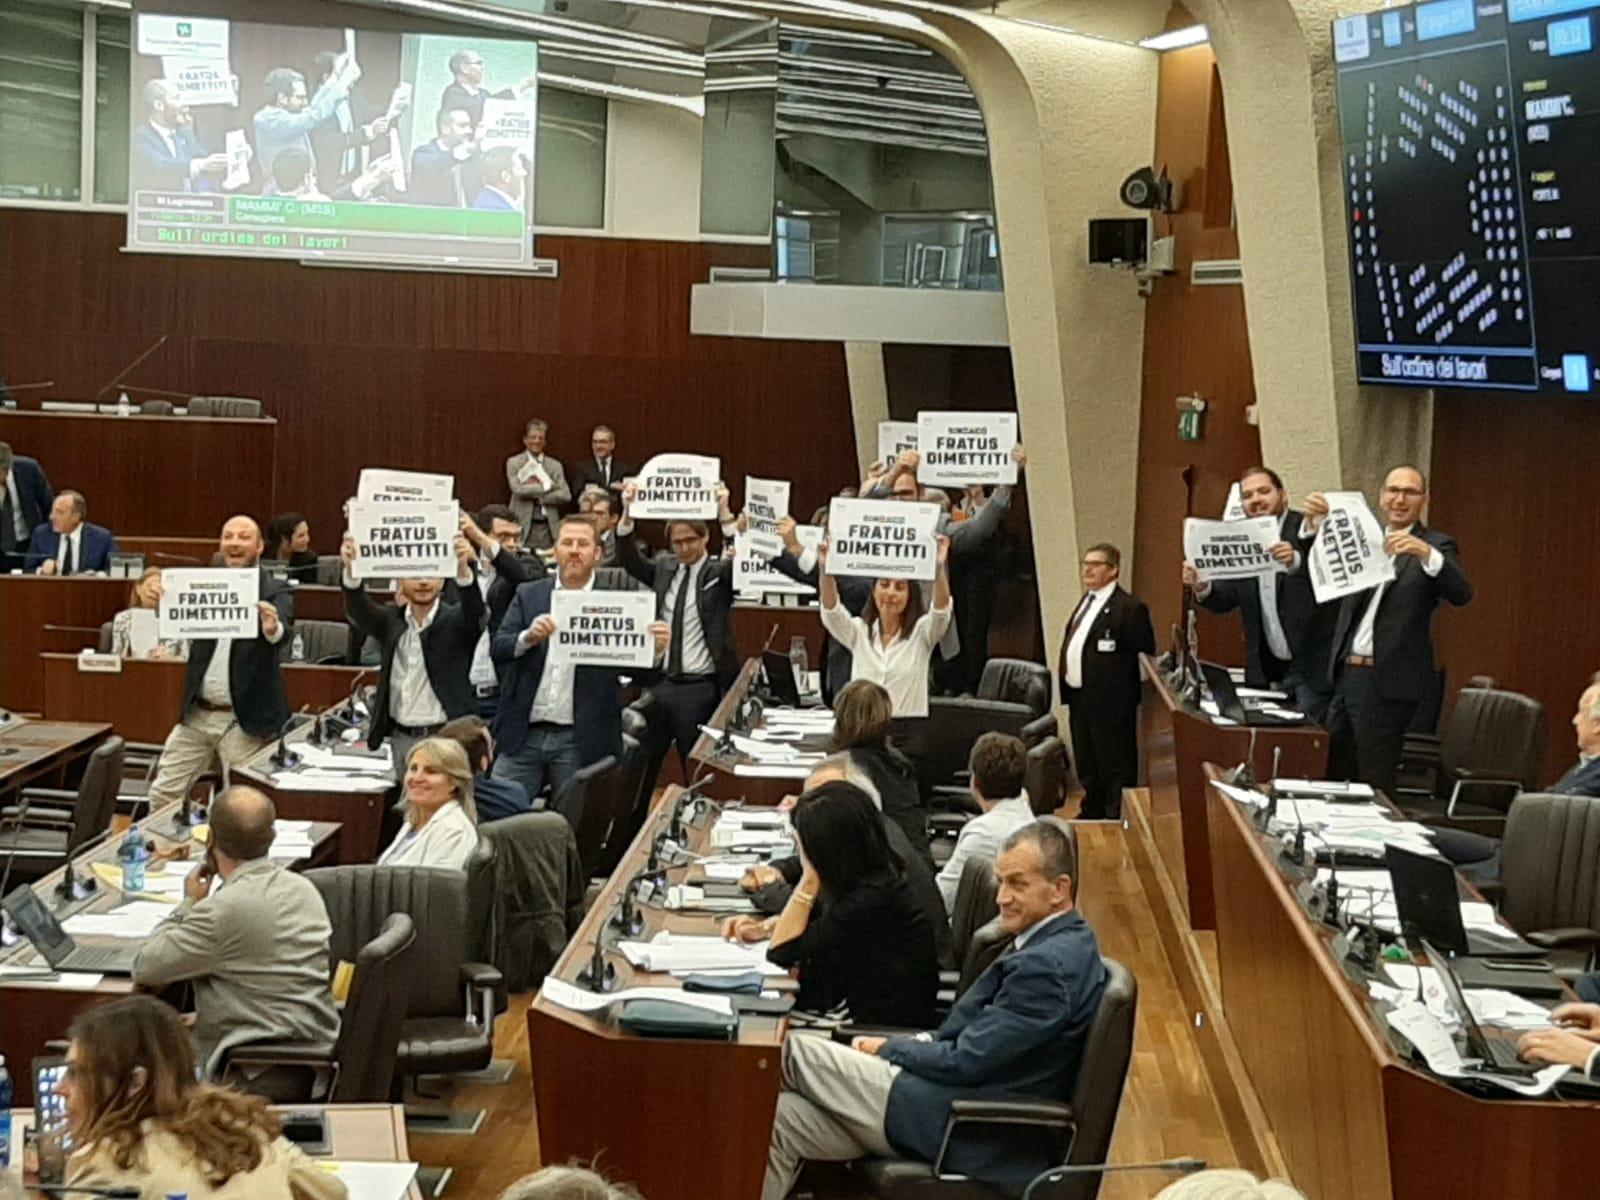 """La protesta in Consiglio regionale: """"Fratus si deve dimettere"""""""